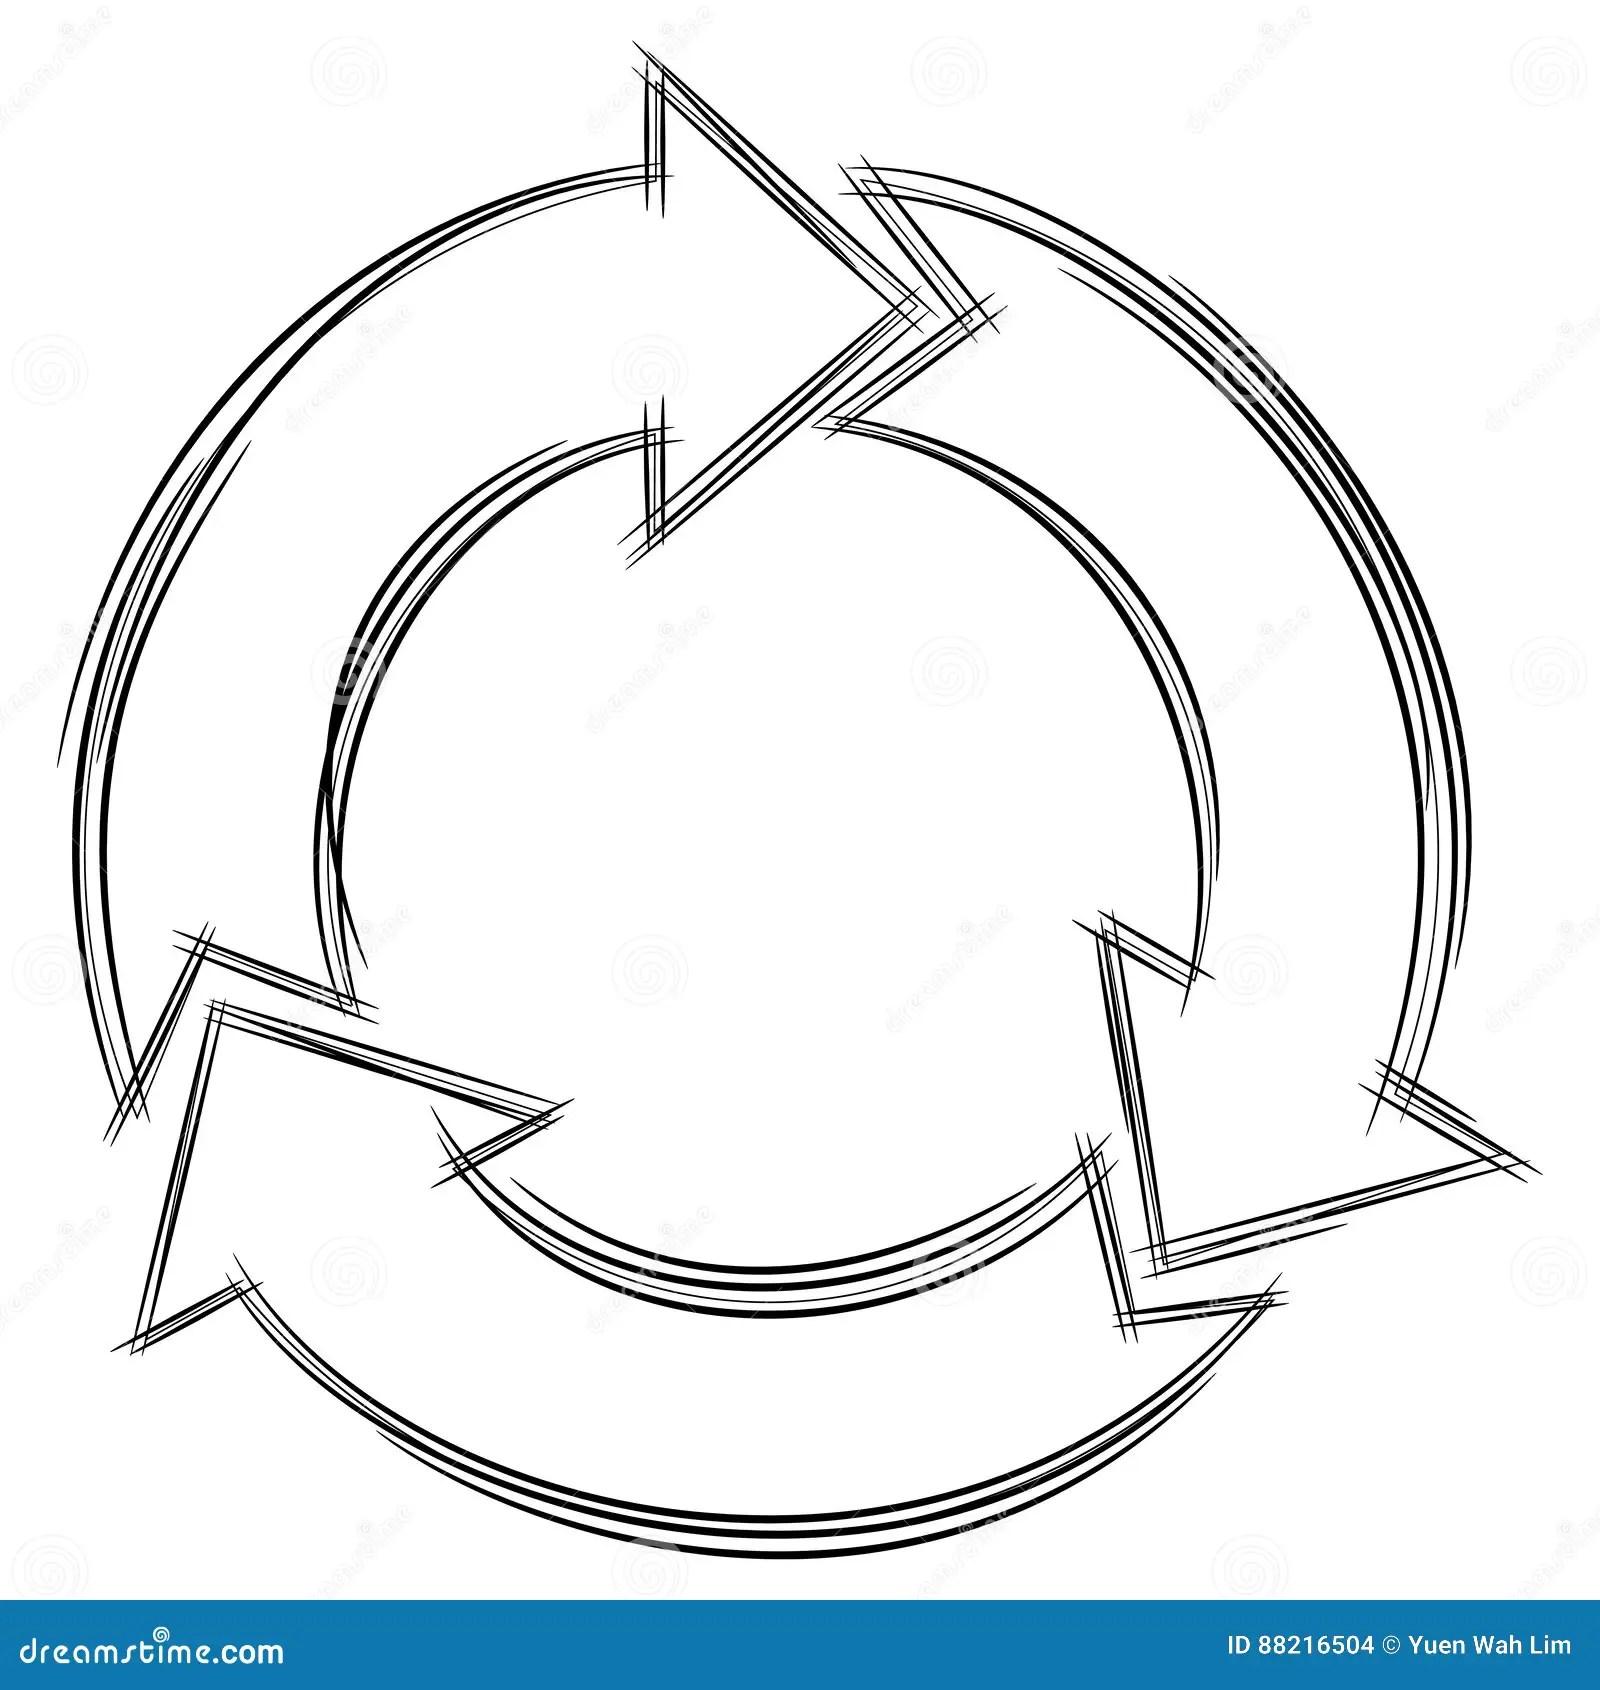 Doodle Of Three Circular Arrows Stock Vector